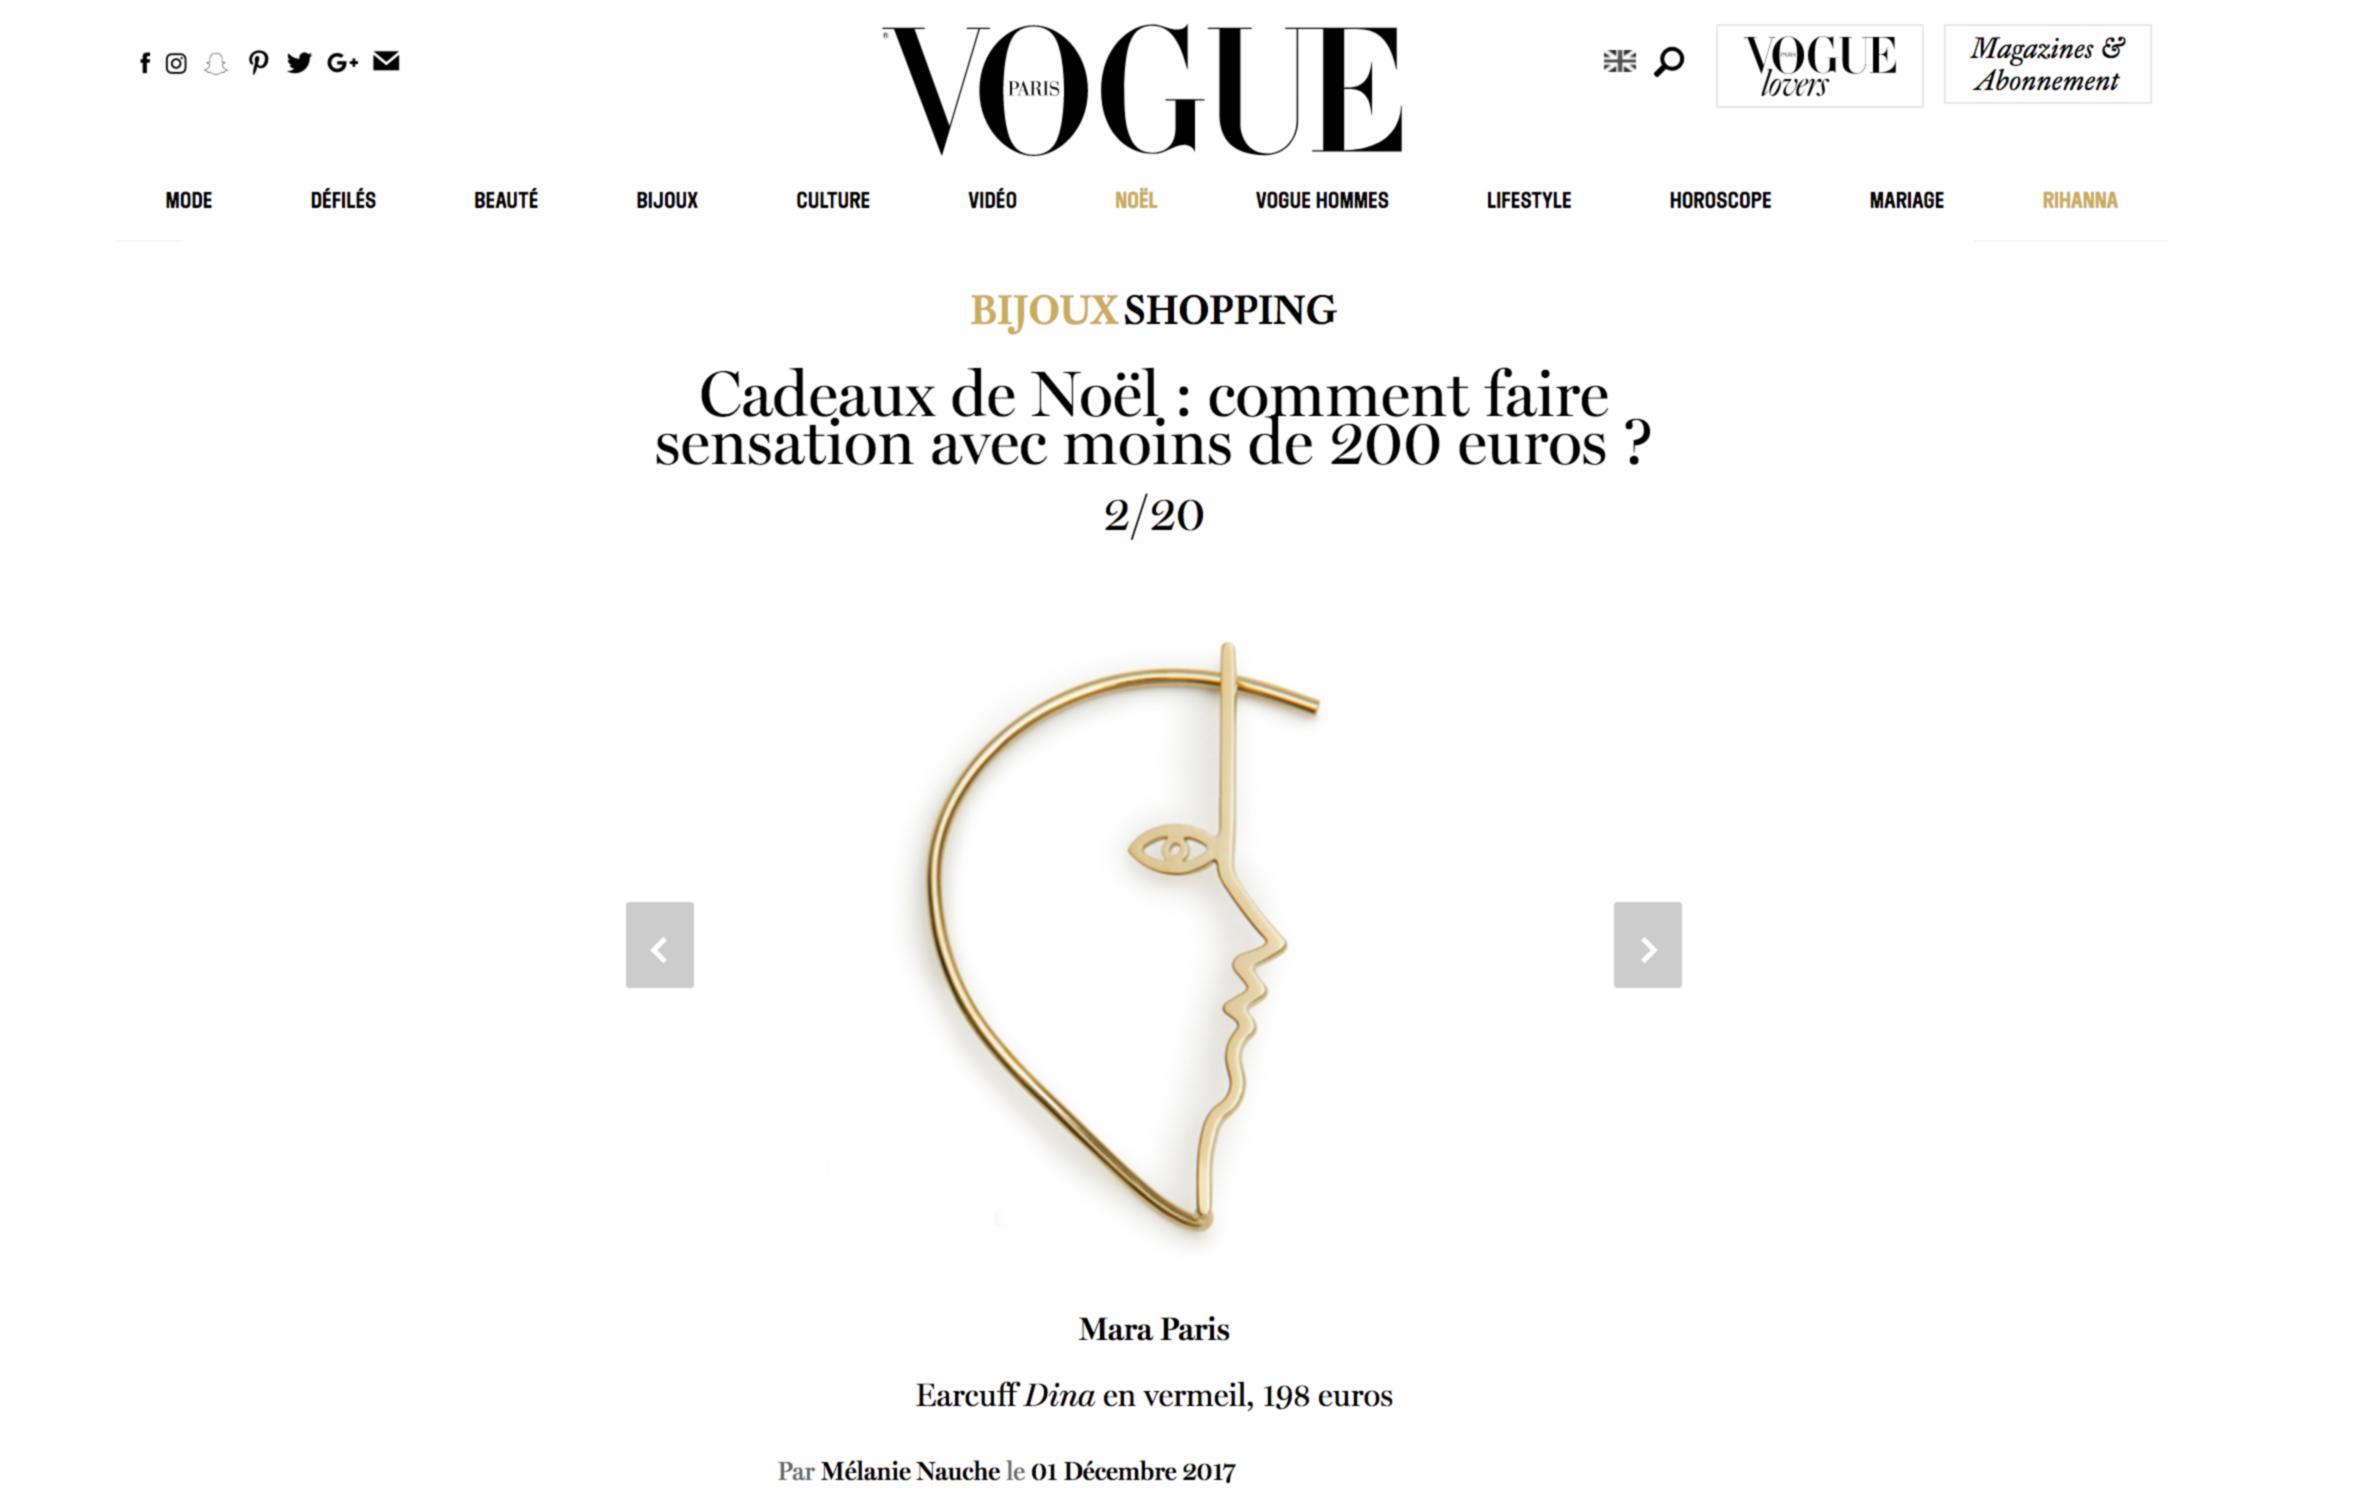 Vogue.fr - How to impress this Christmas...